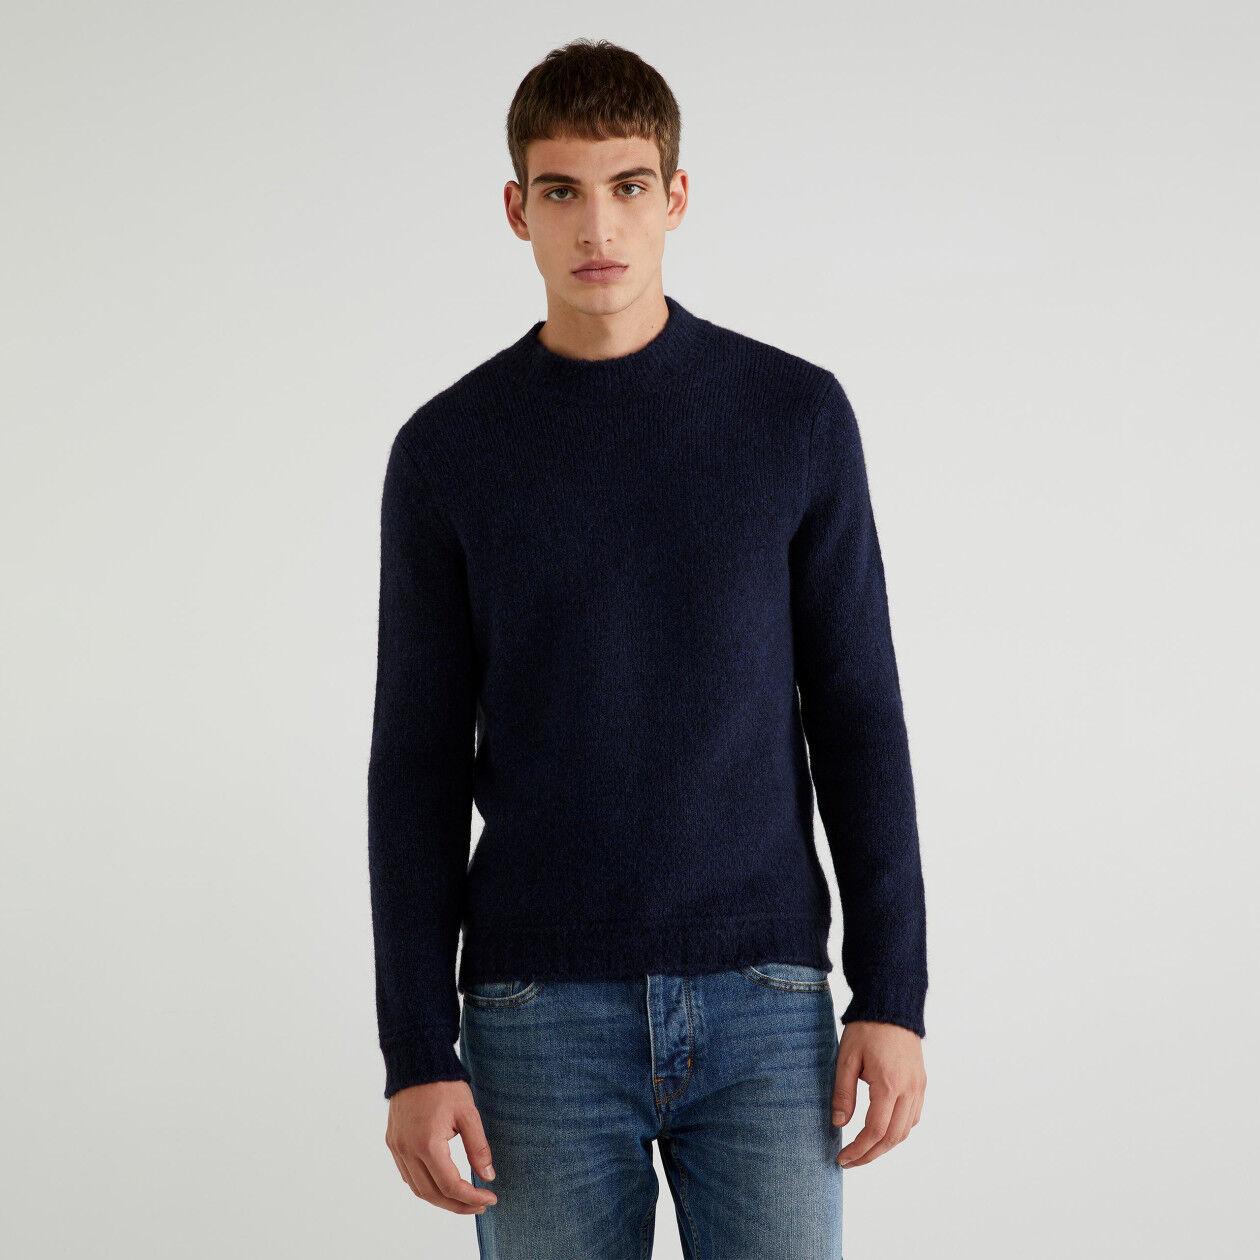 Μπλούζα από βαμβακερό και μάλλινο